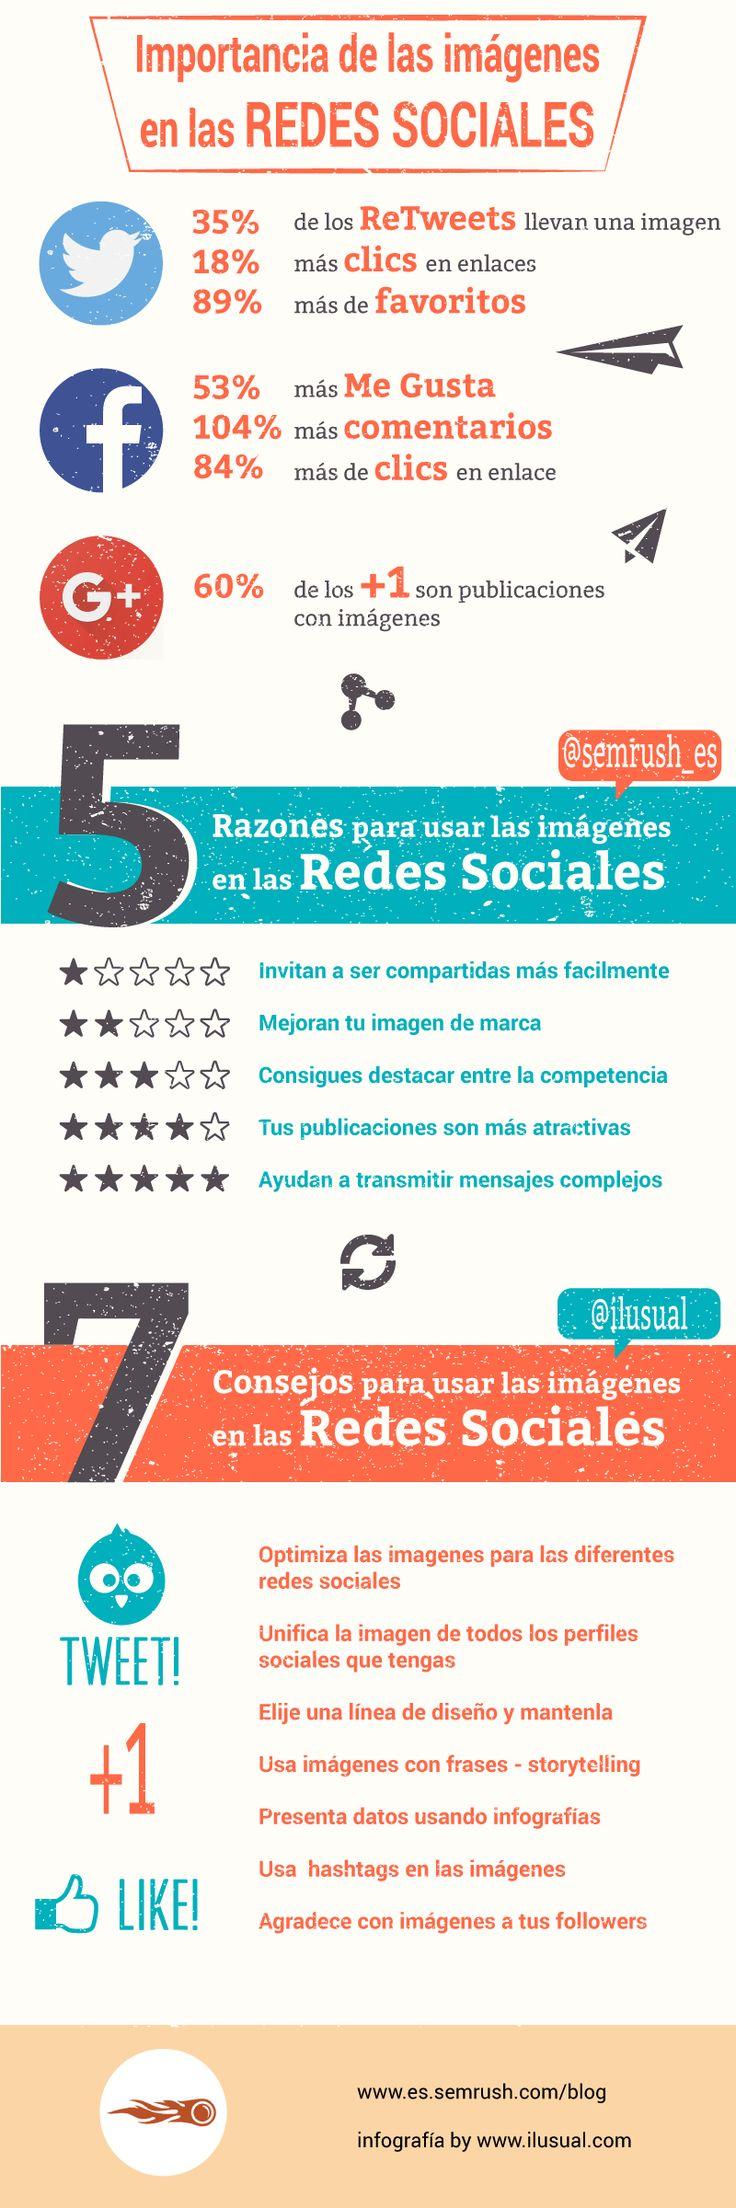 La importancia de las imágenes en las Redes Sociales #infografia #infographic #socialmedia